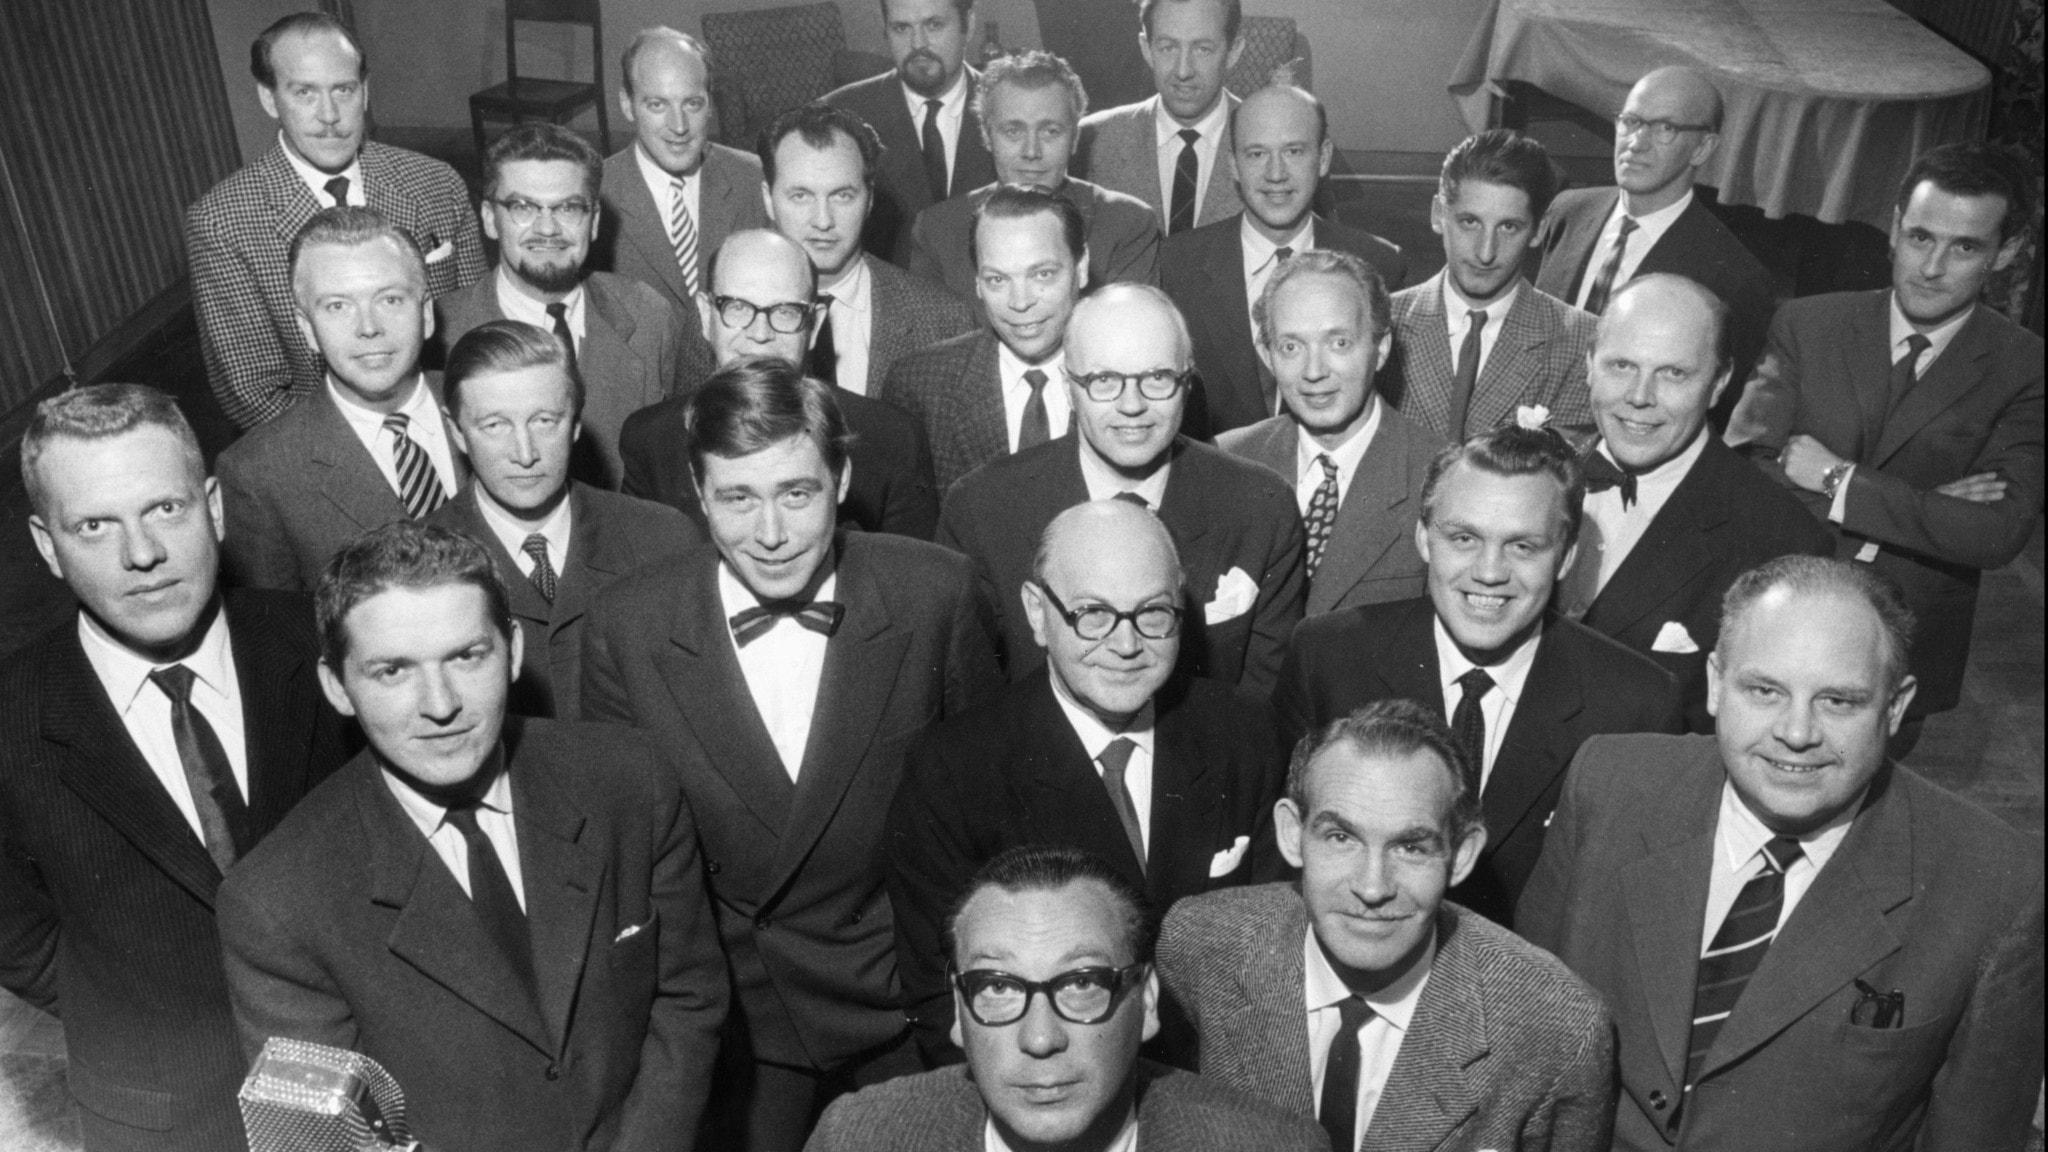 Radions underhållningsavdelning bestående av 28 män samlad för fotografering 1957,